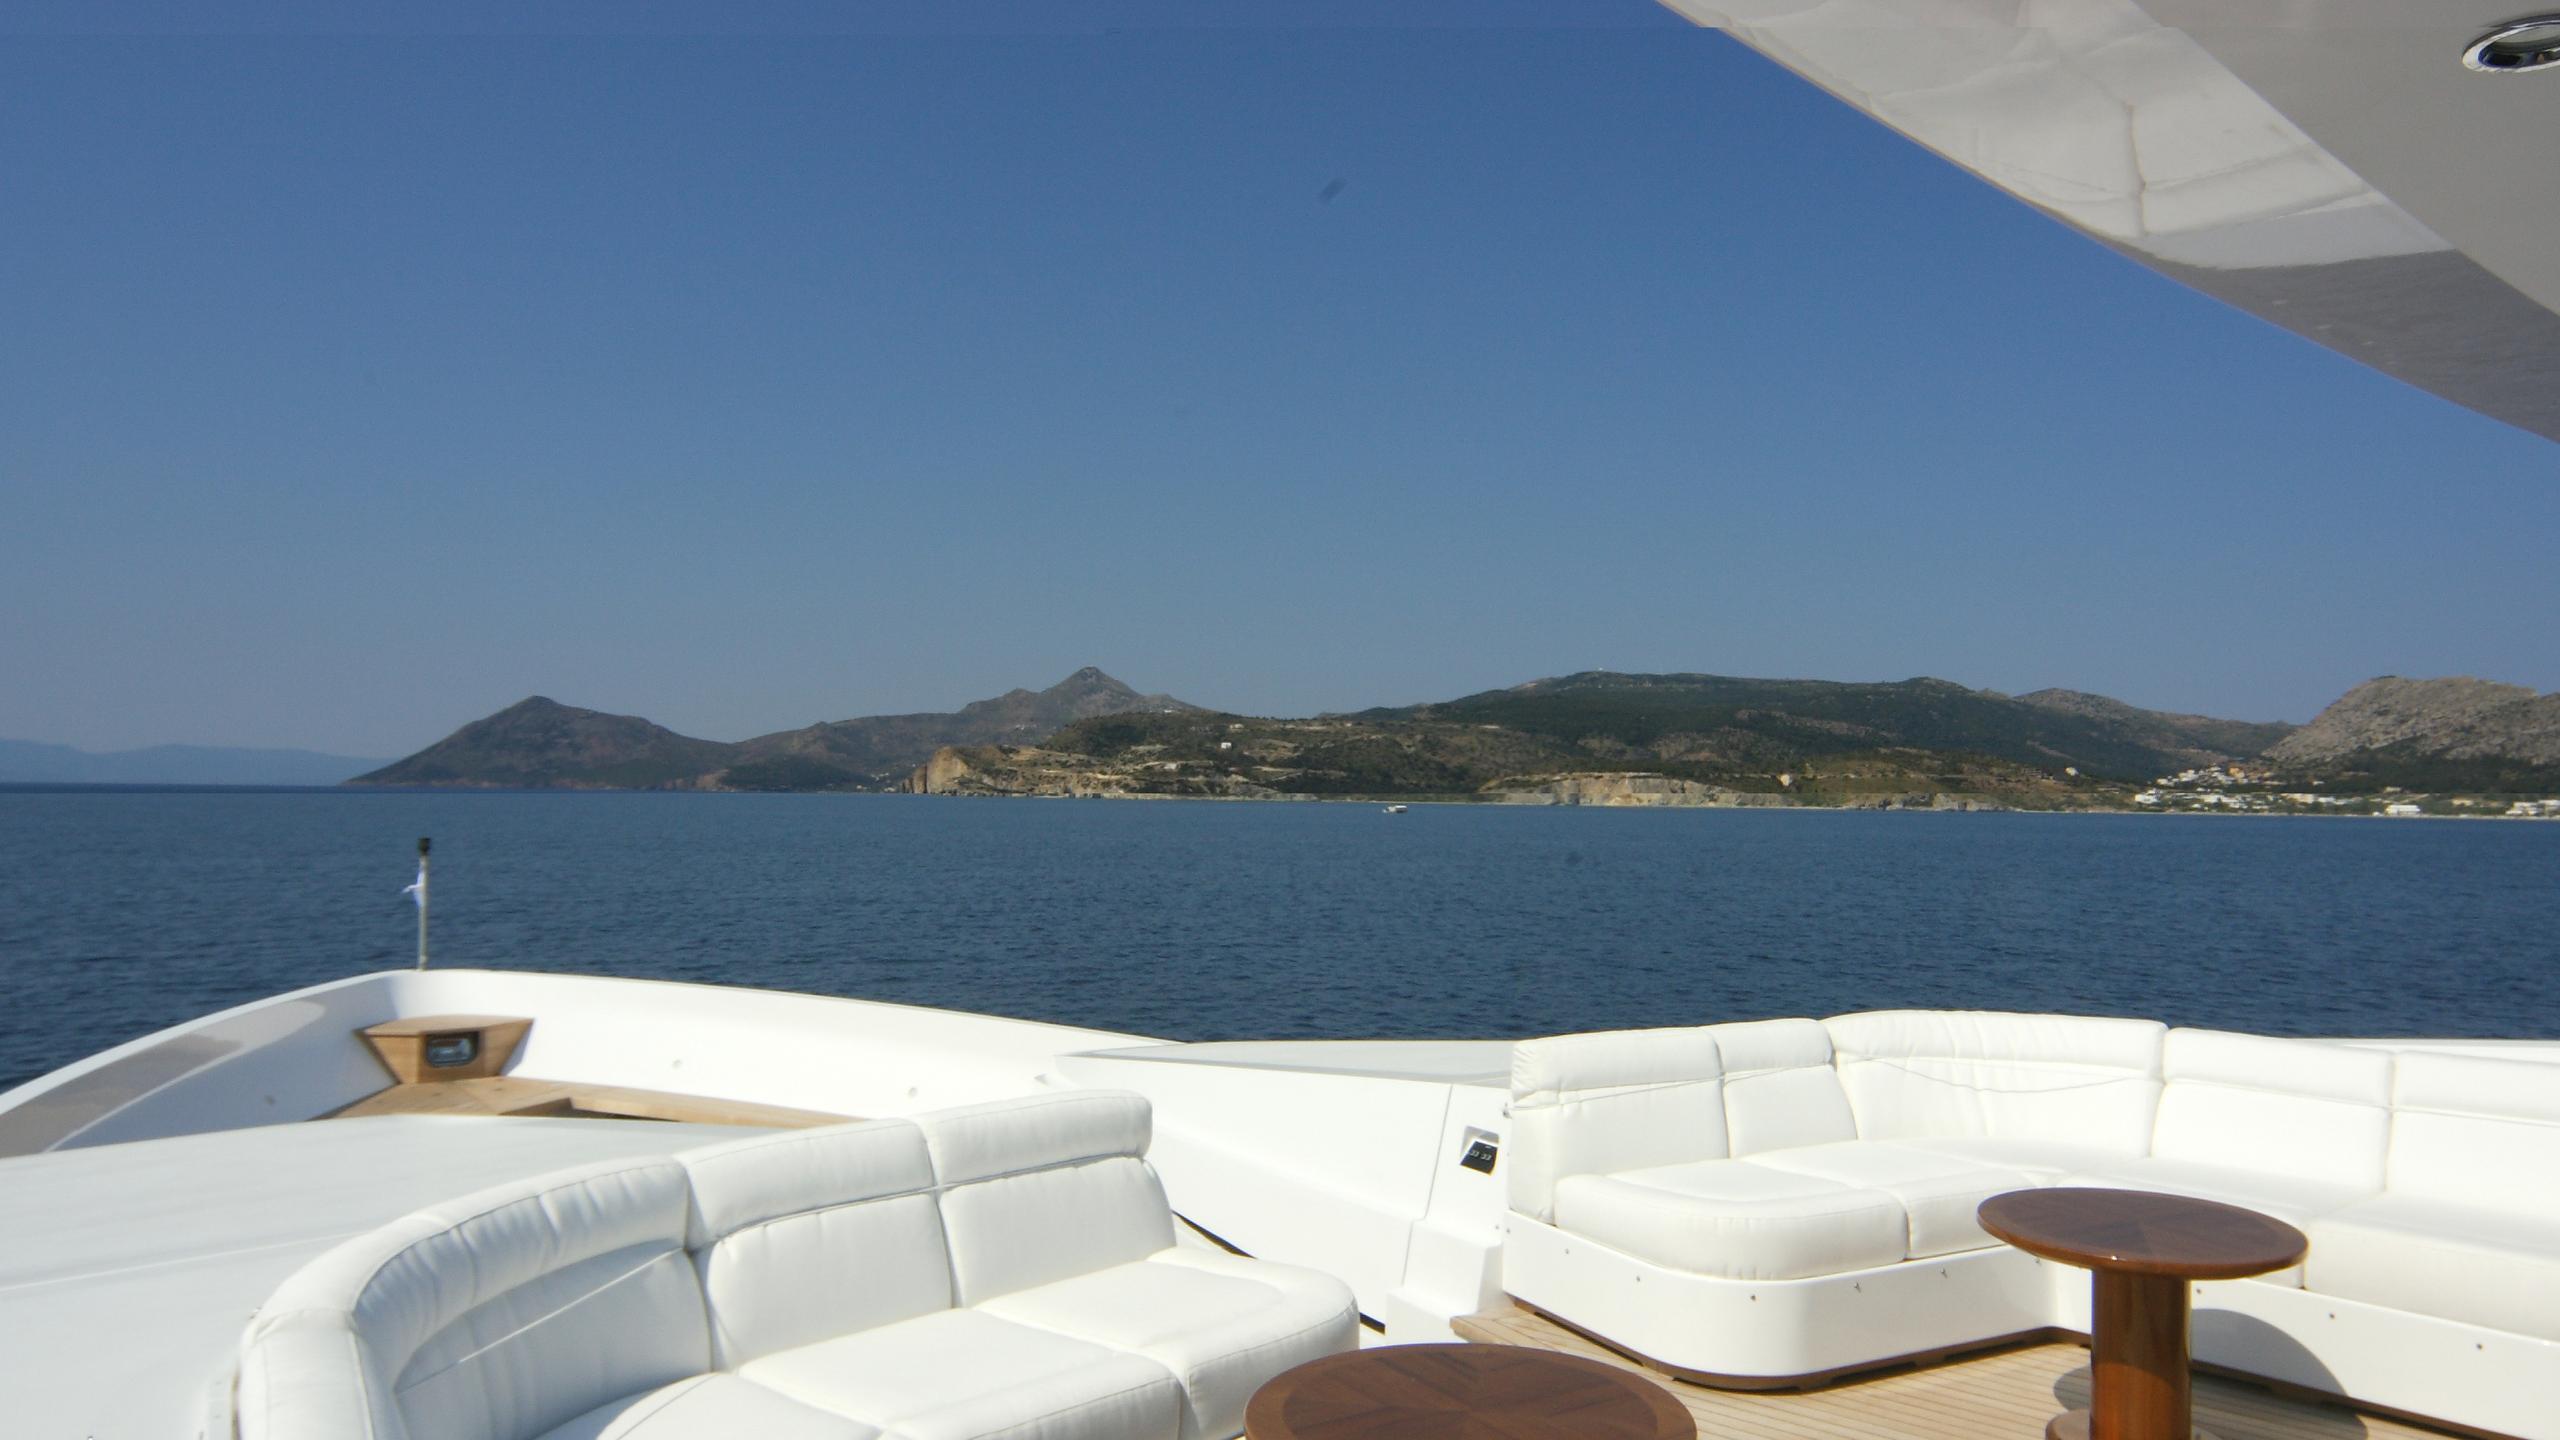 oceanos-yacht-deck